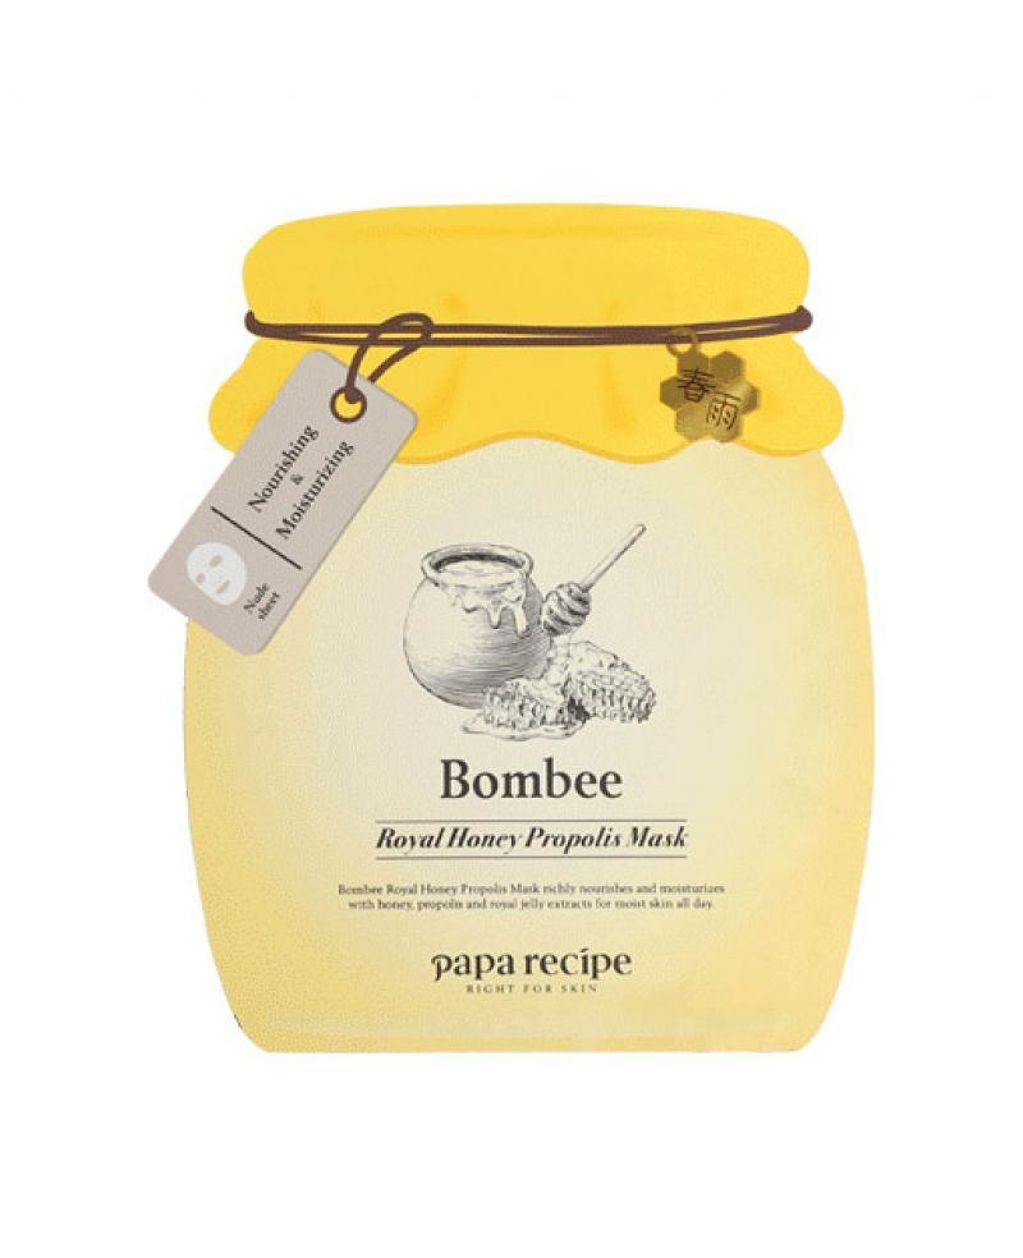 Papa Recipe - Bombee Royal Honey Propolis Mask - 9e06e-ROYAL-HANEY.jpg